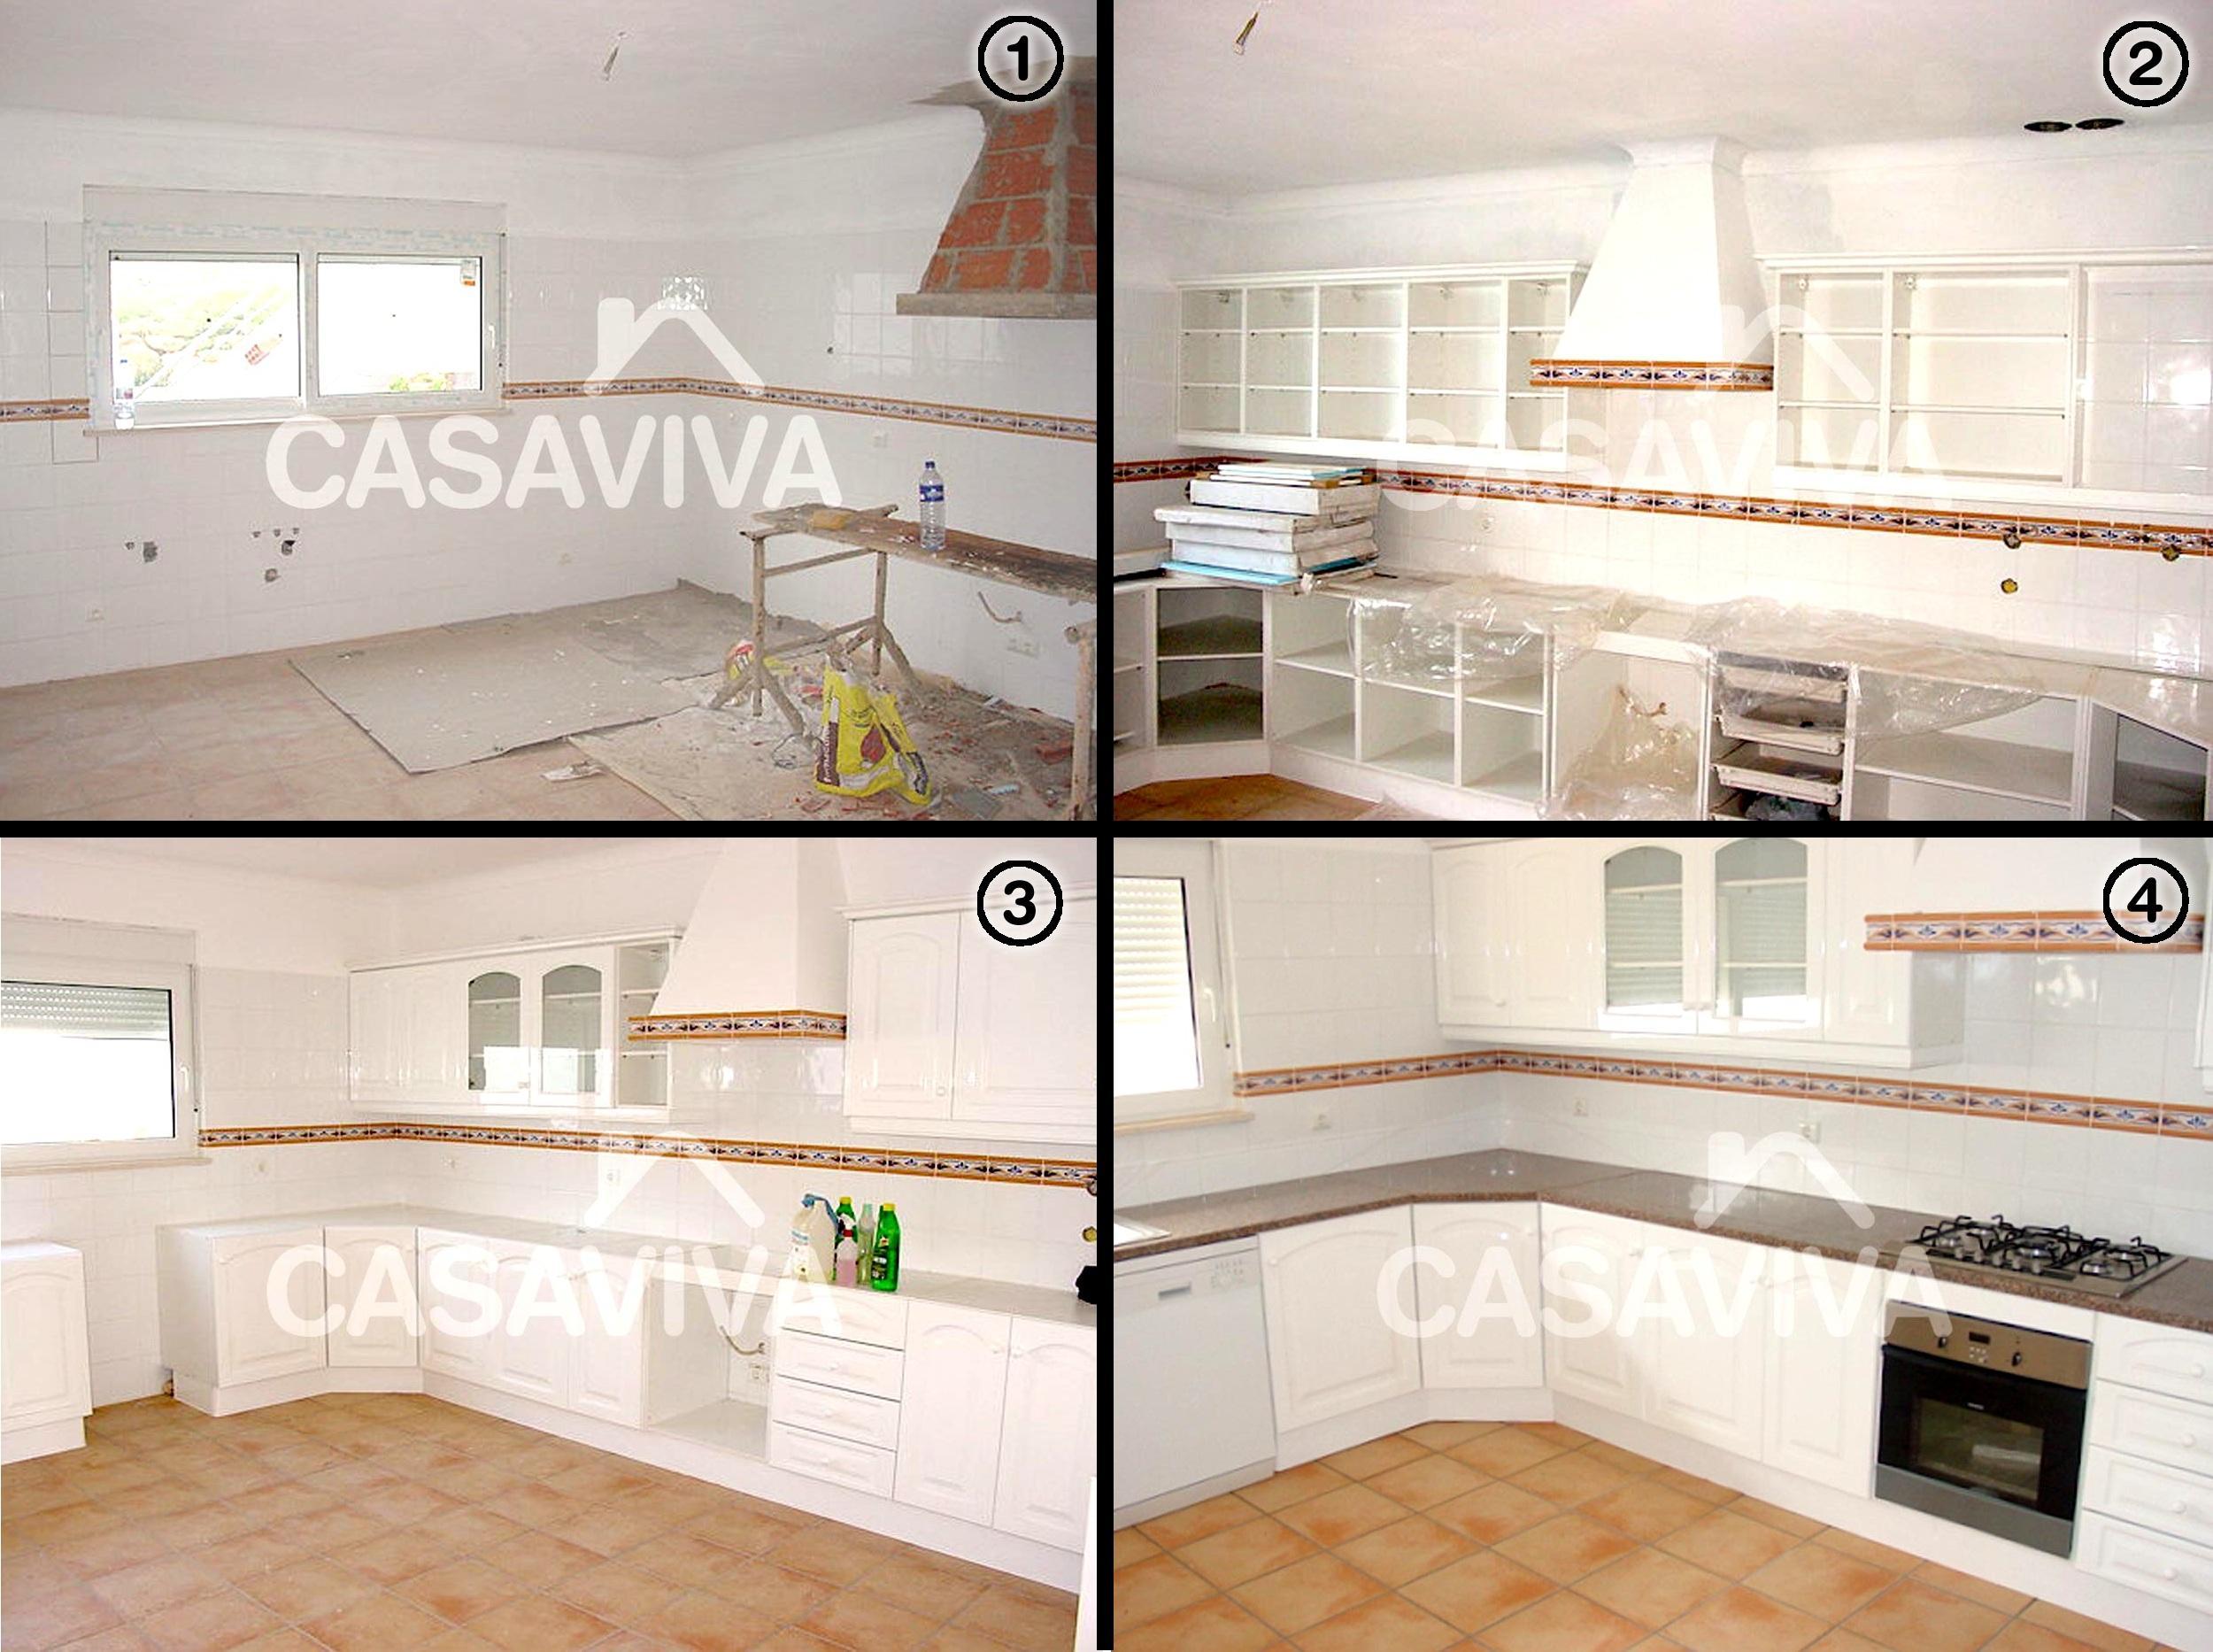 Móveis de cozinha inferiores e superiores em melamina com electrodomésticos encastrados e tampo em pedra com placa de fogão encastrada.